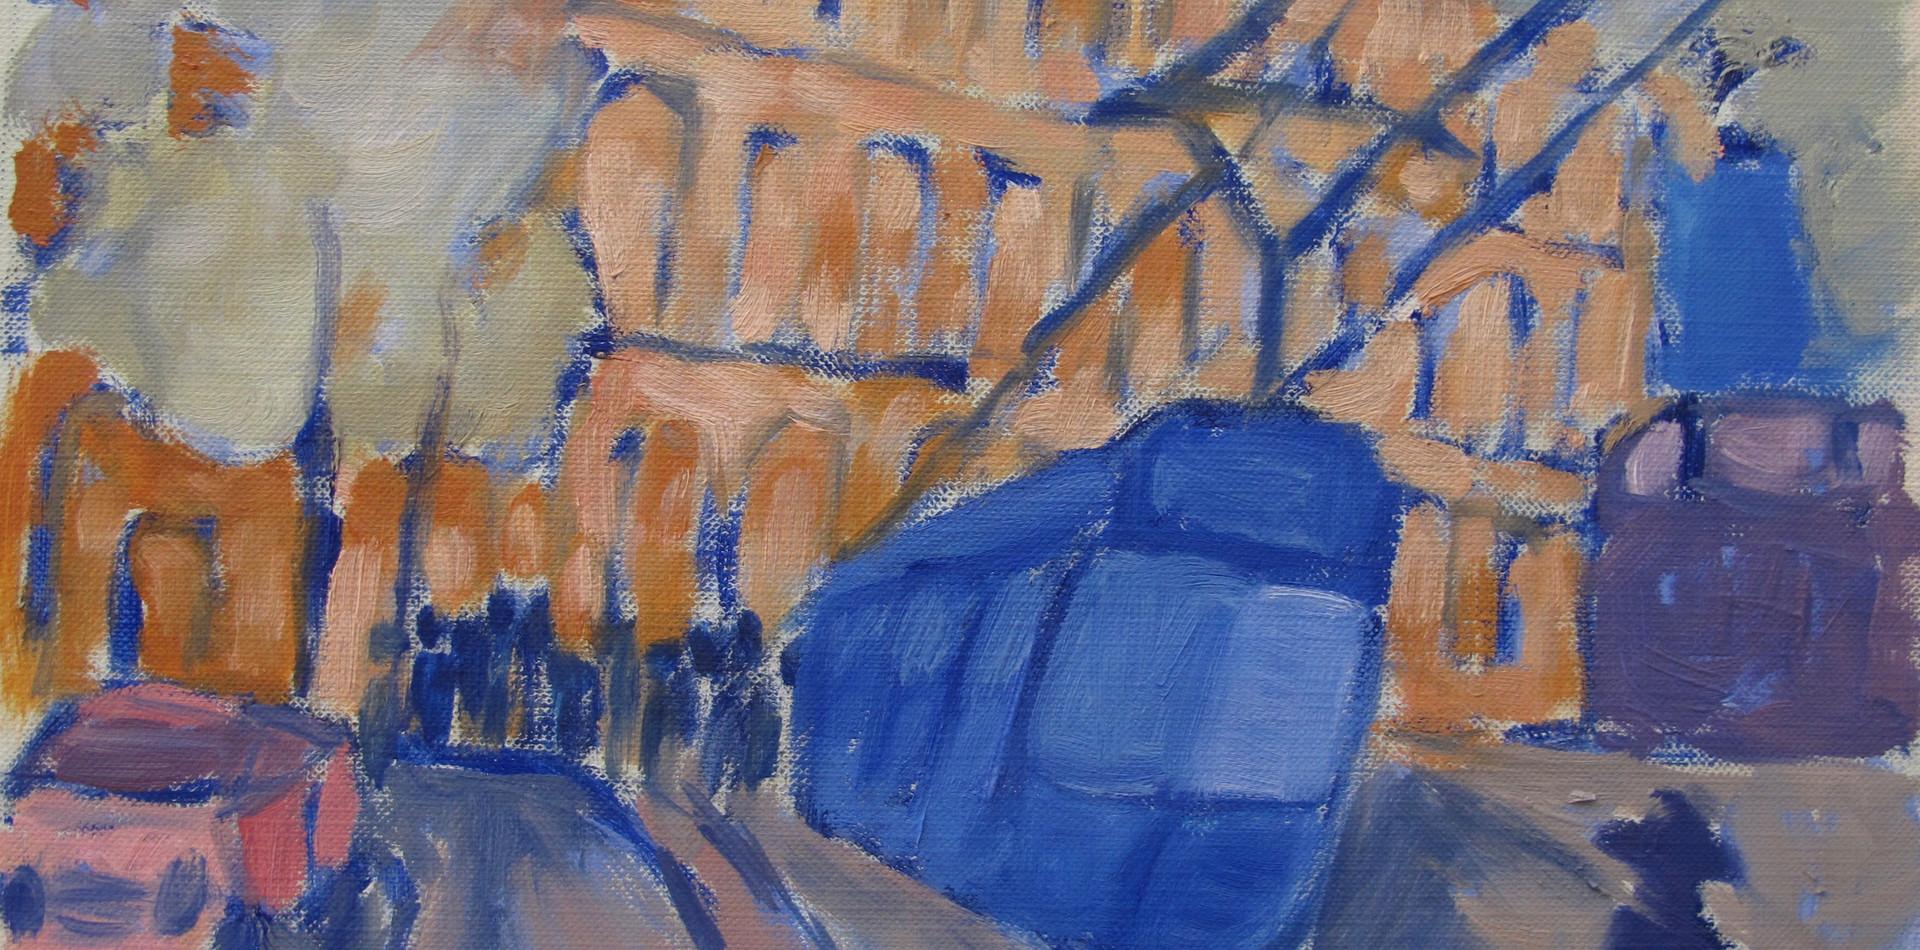 trolley, amsterdam